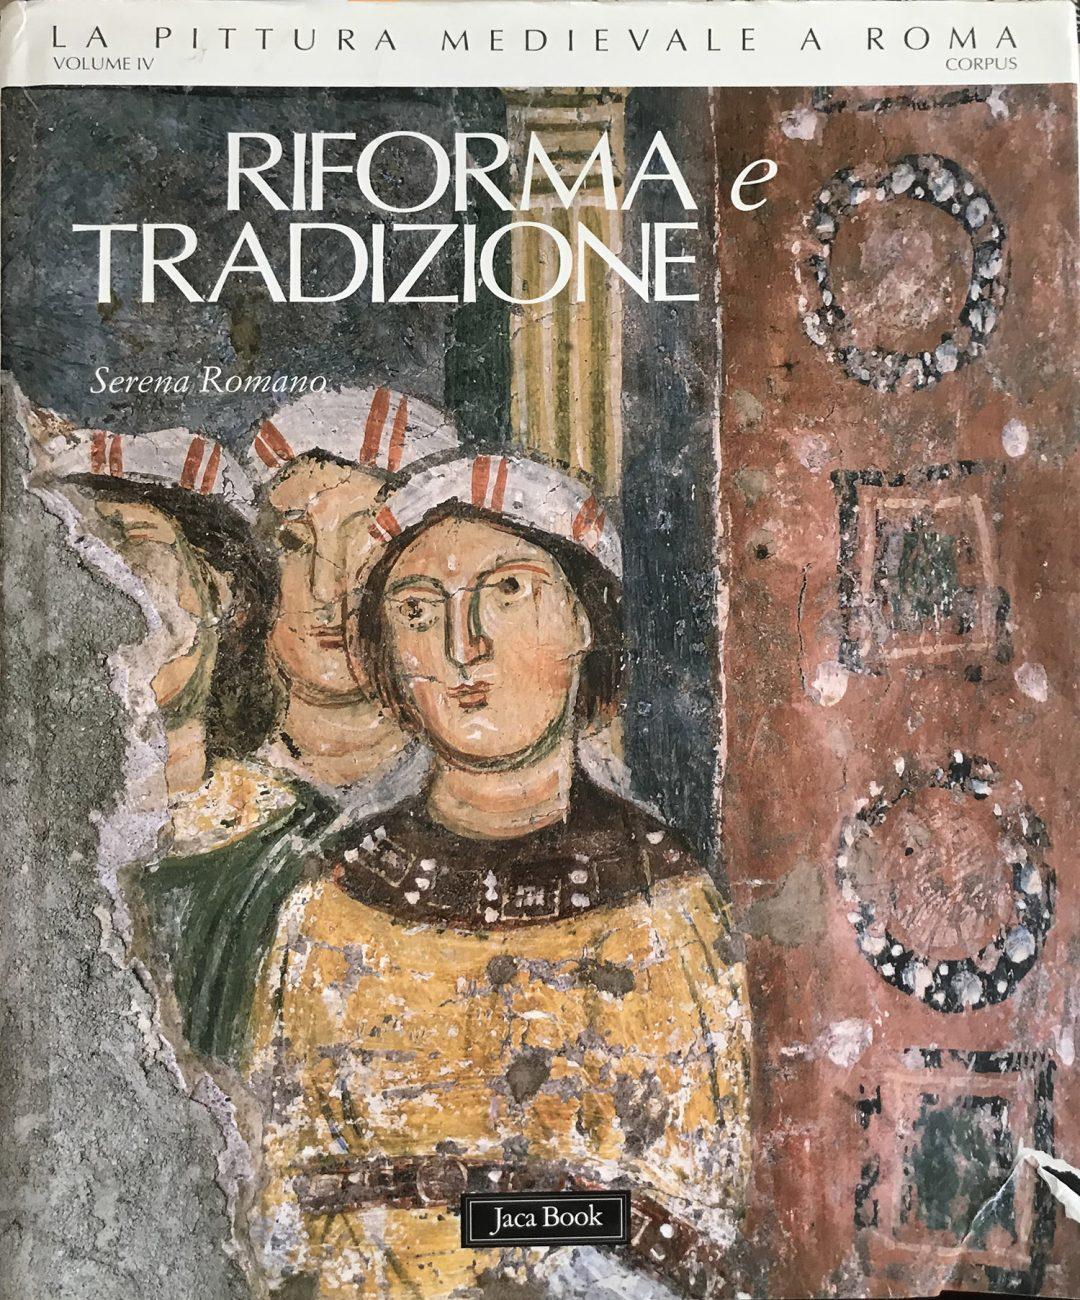 La Pittura Medievale a Roma. Corpus IV.